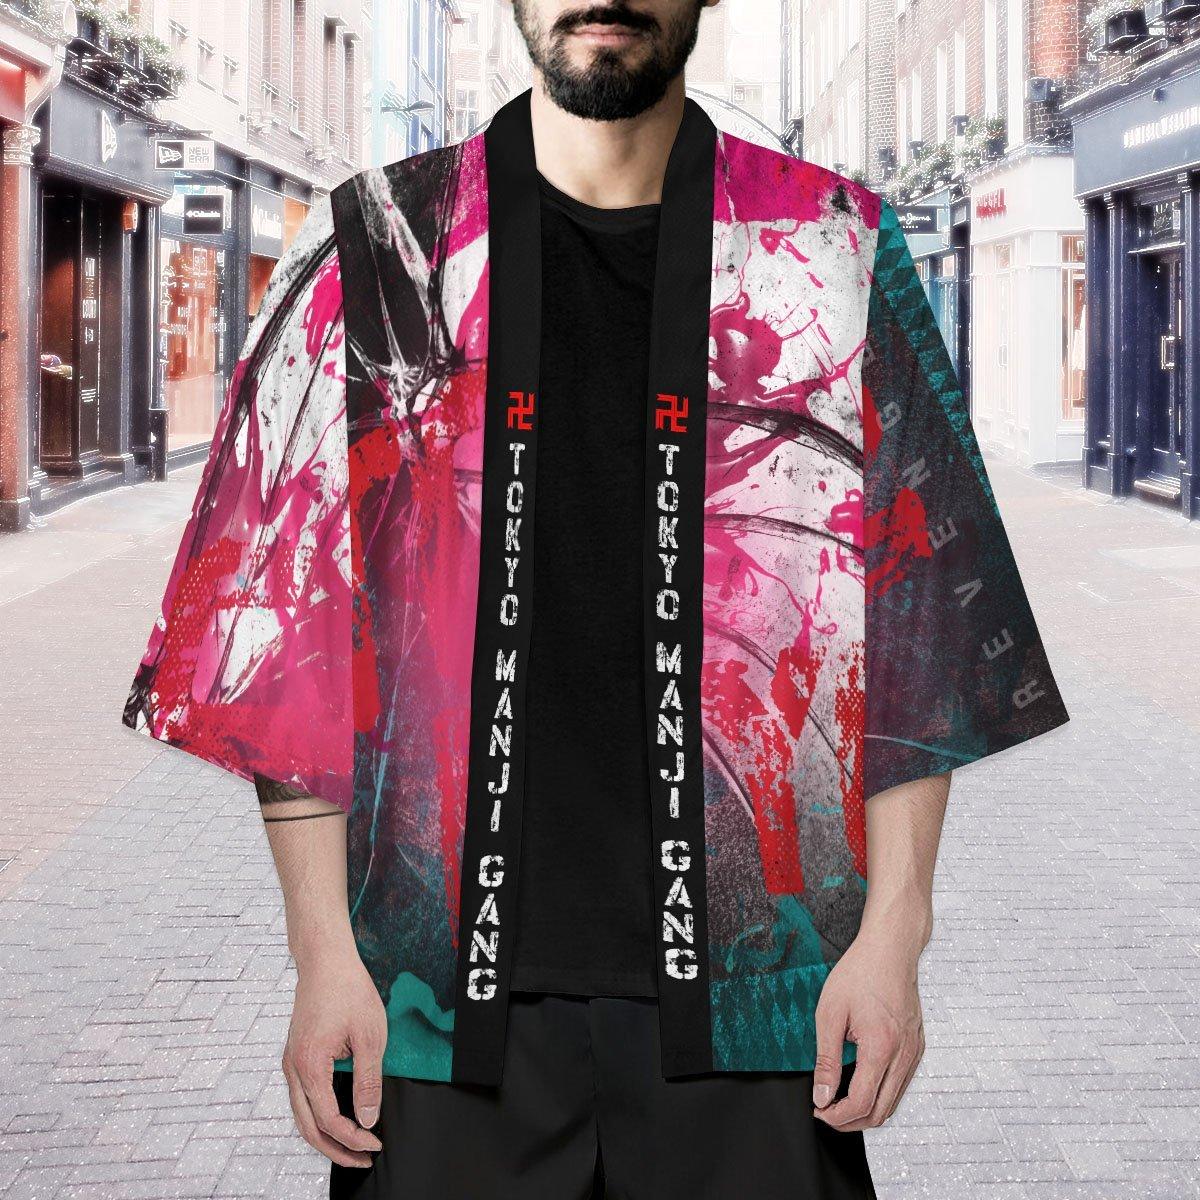 tokyo manji gang kimono 726627 - Otaku Treat